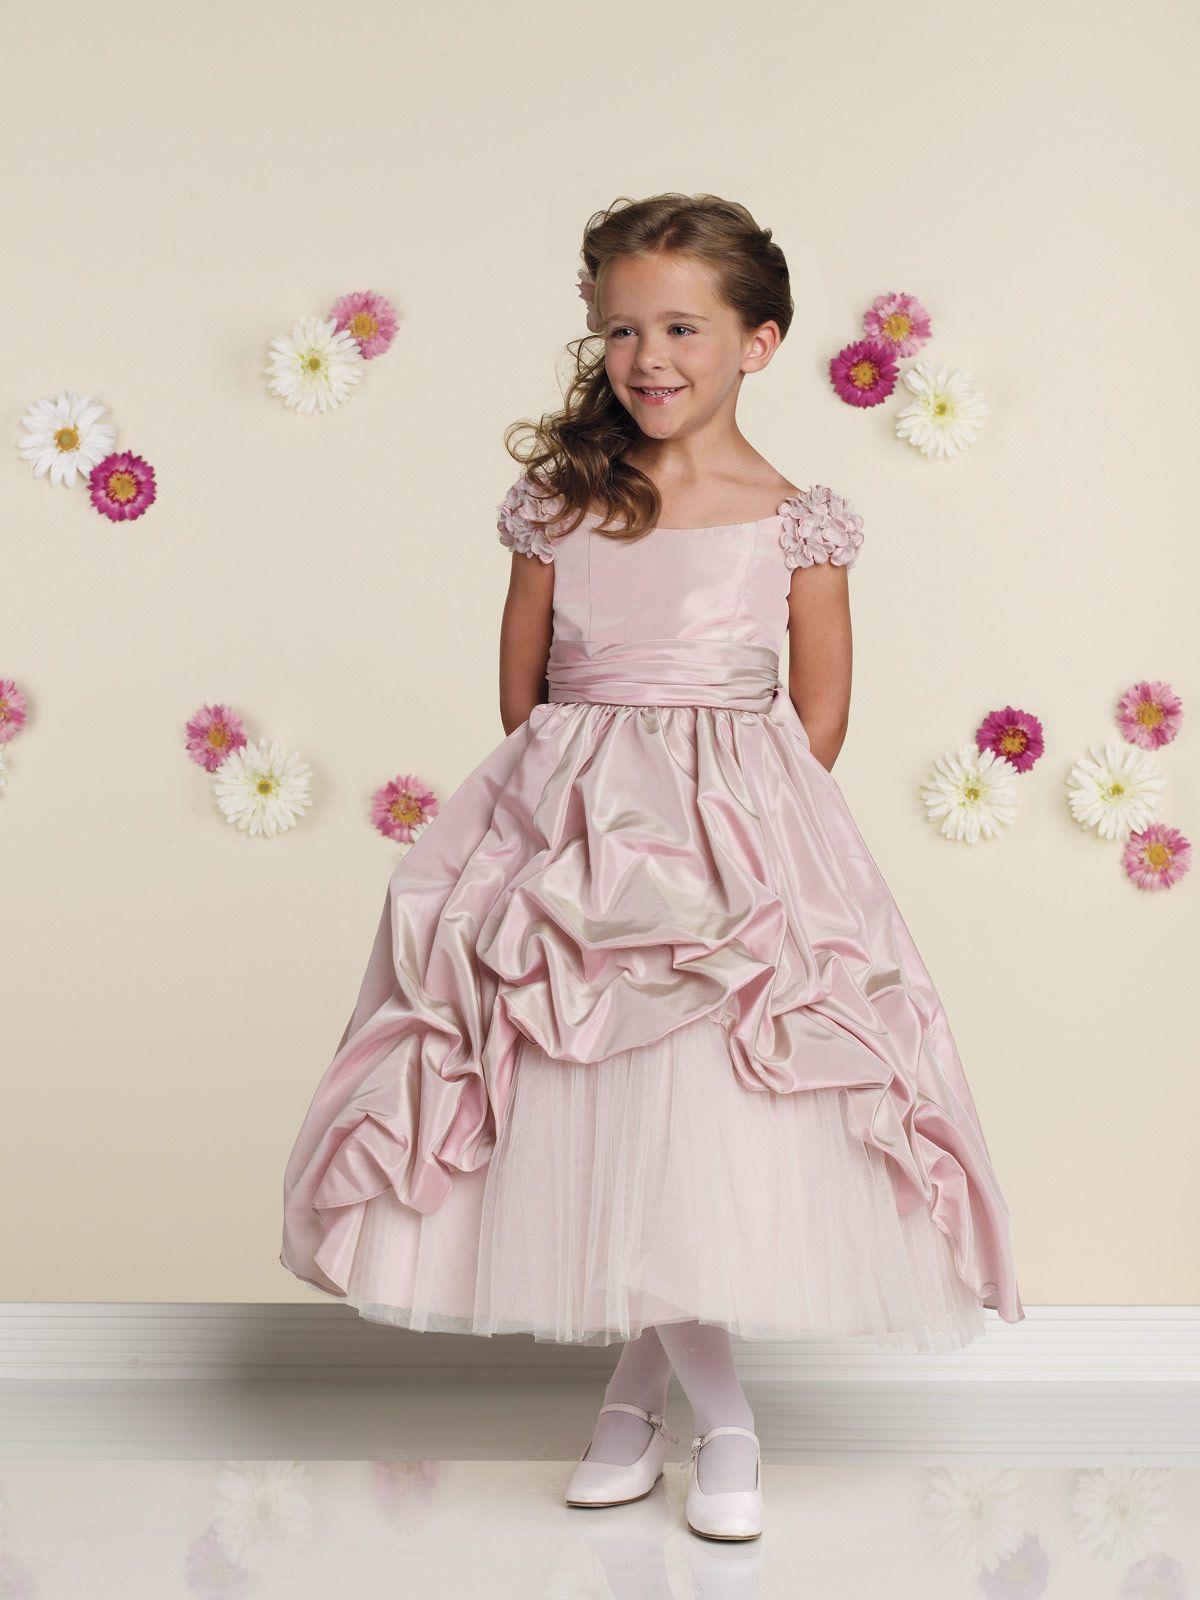 Calabrese girl flower girl dresses style wedding